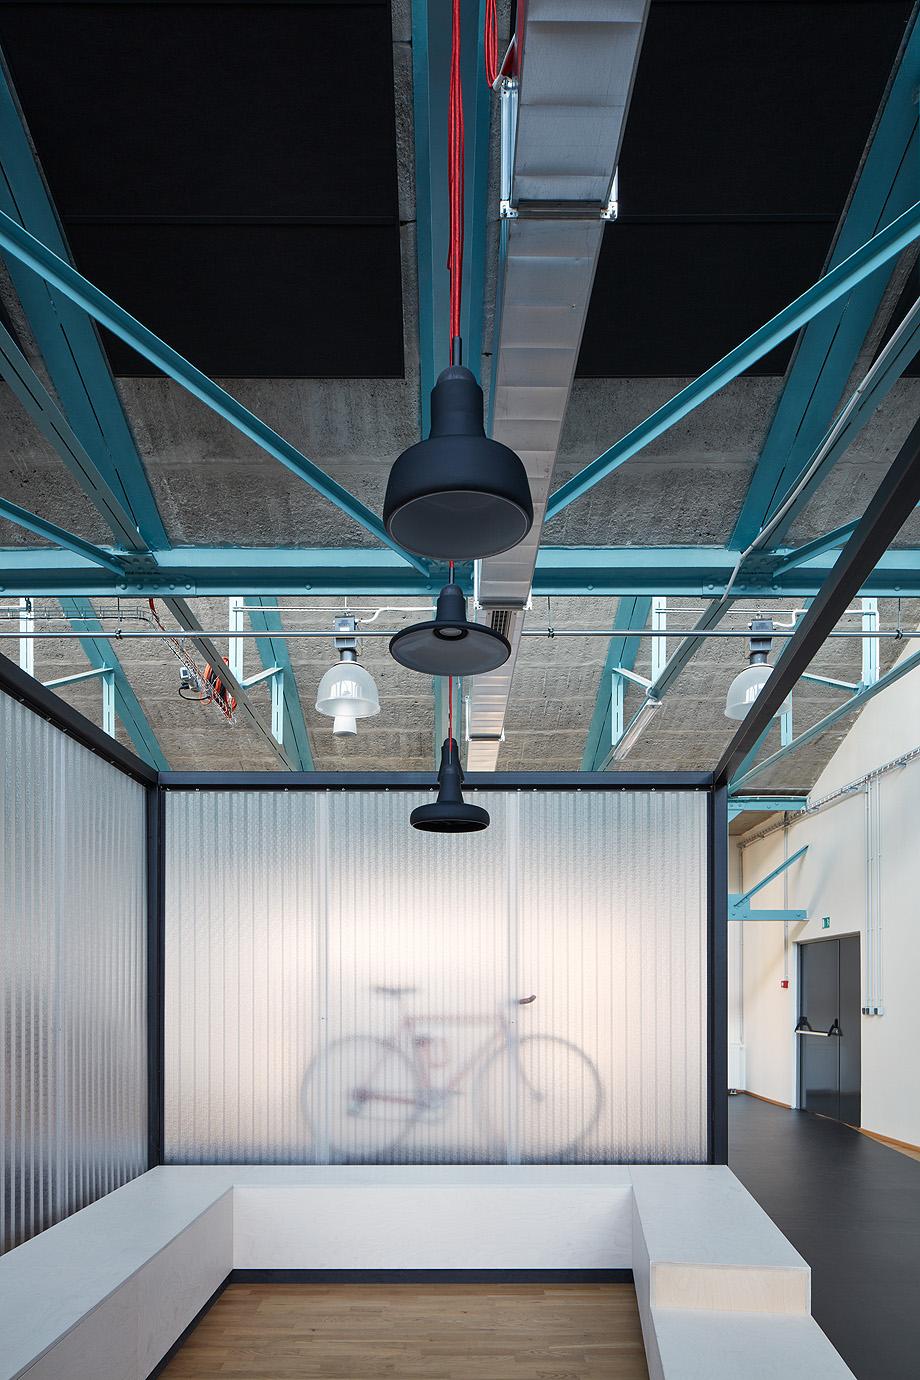 oficinas sinnerschrader por kurz architects - foto boysplaynice (11)